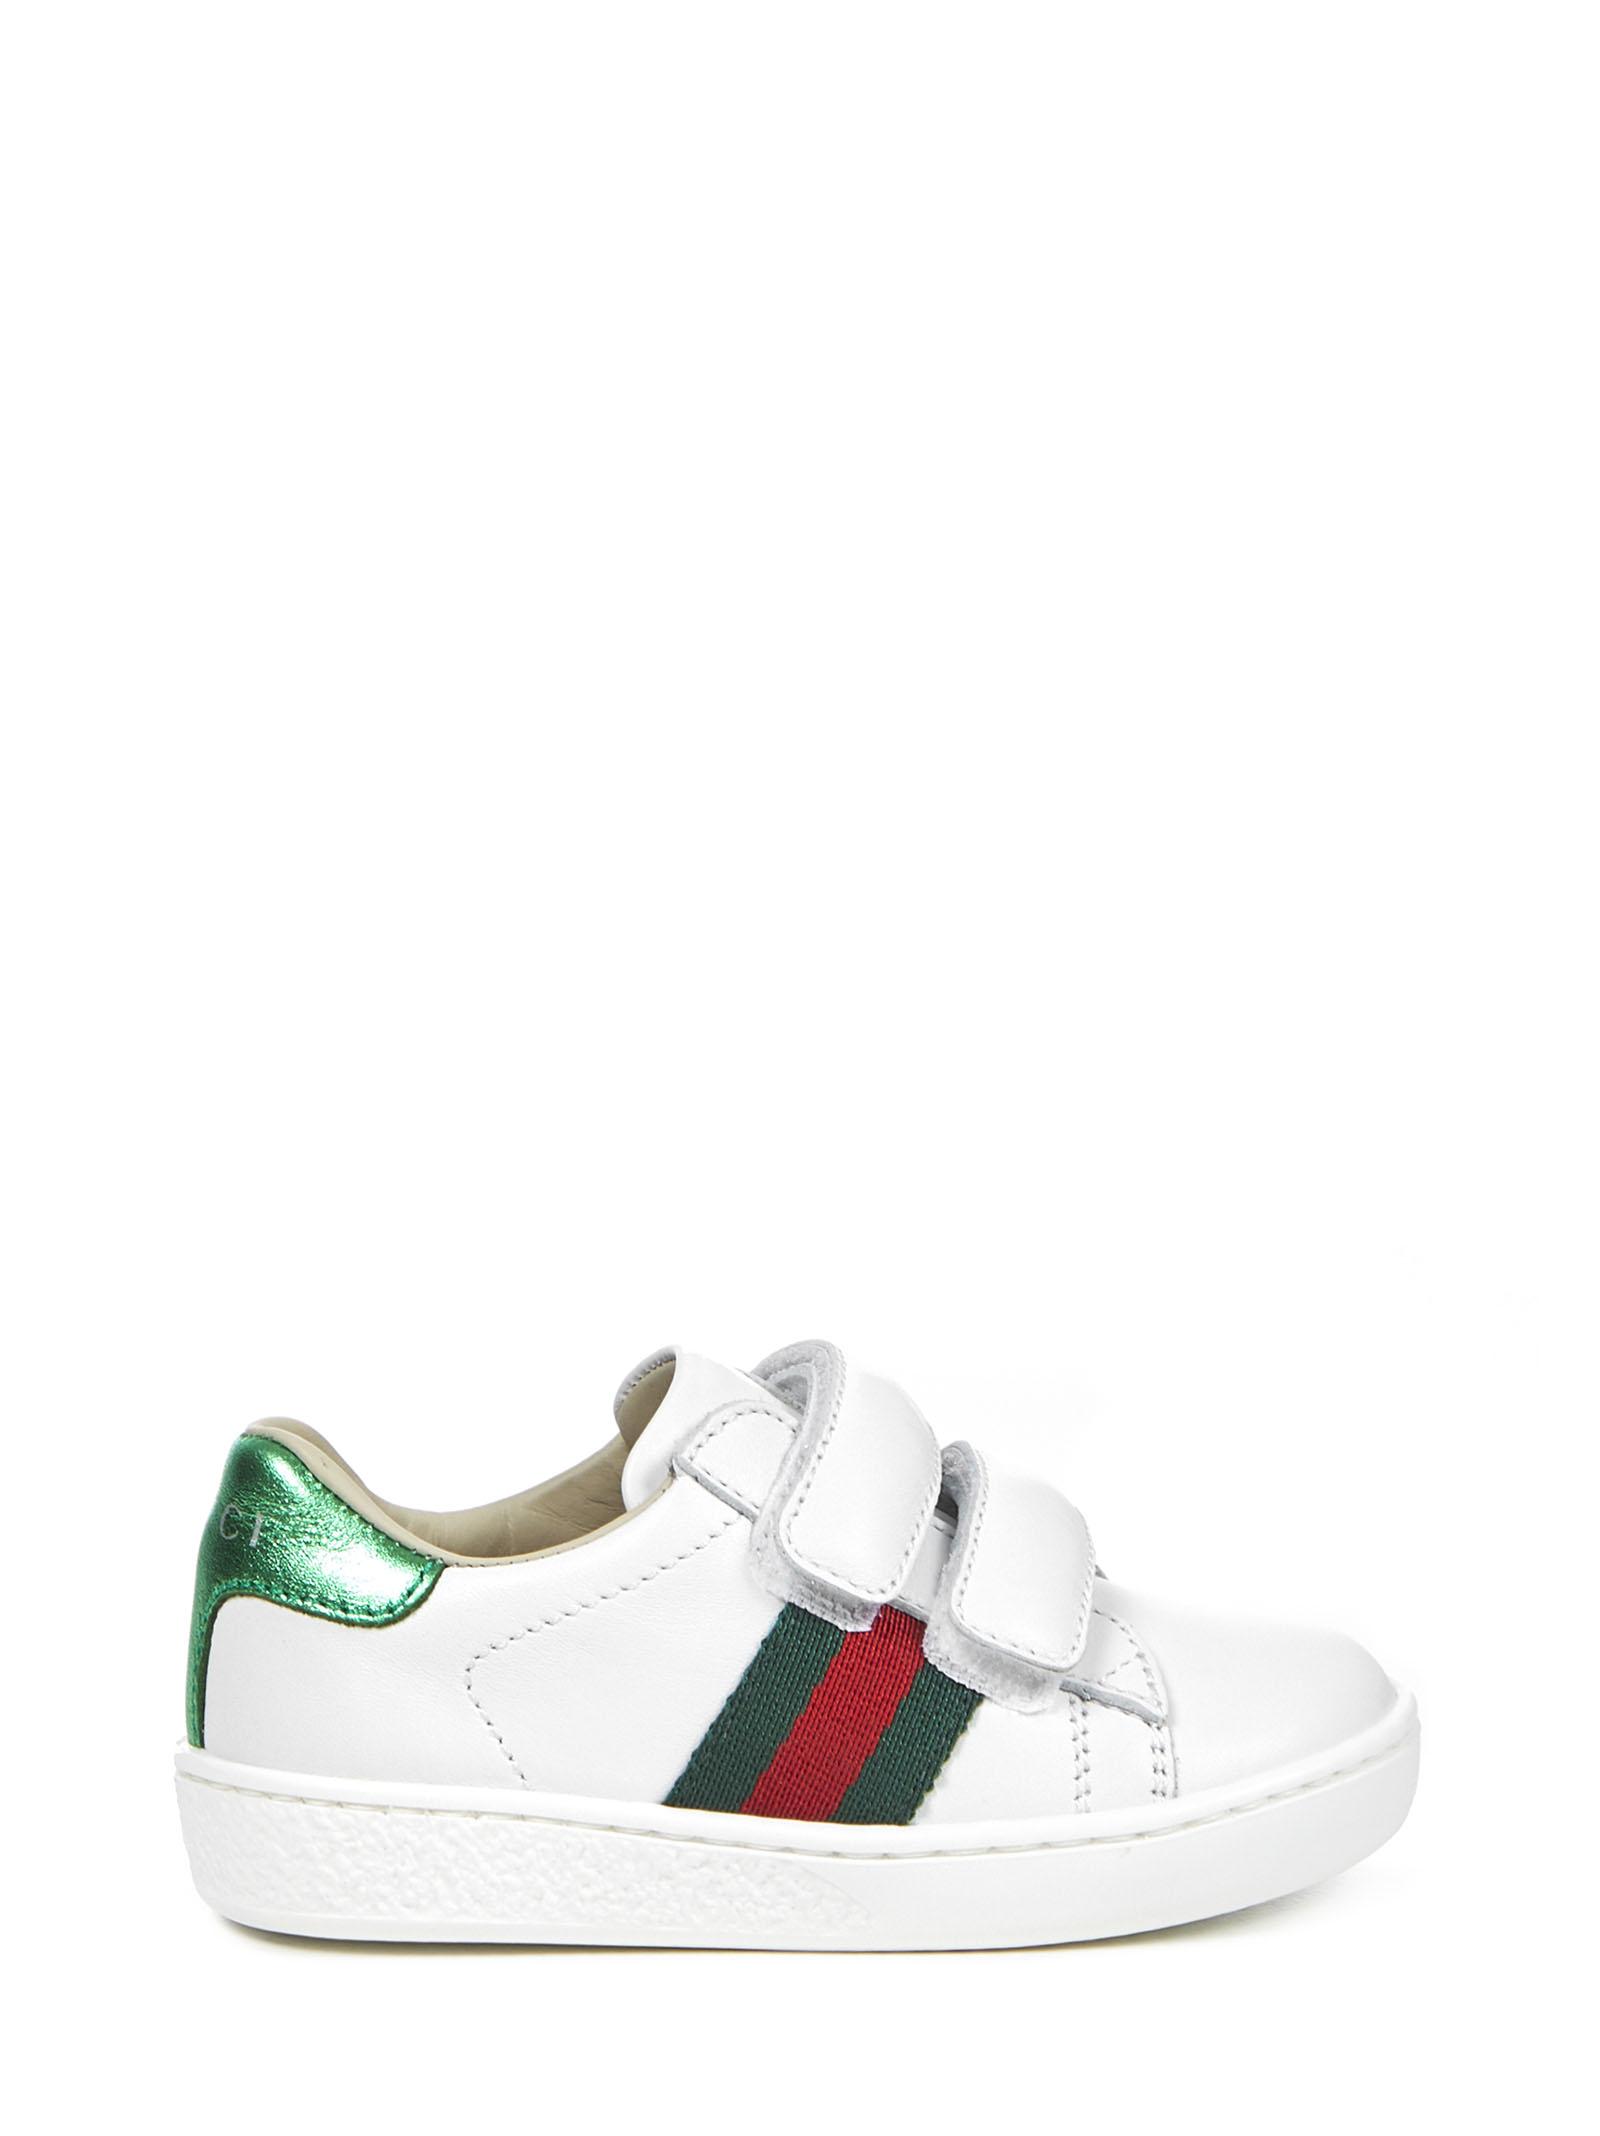 Gucci Junior Ace Sneakers - Gucci